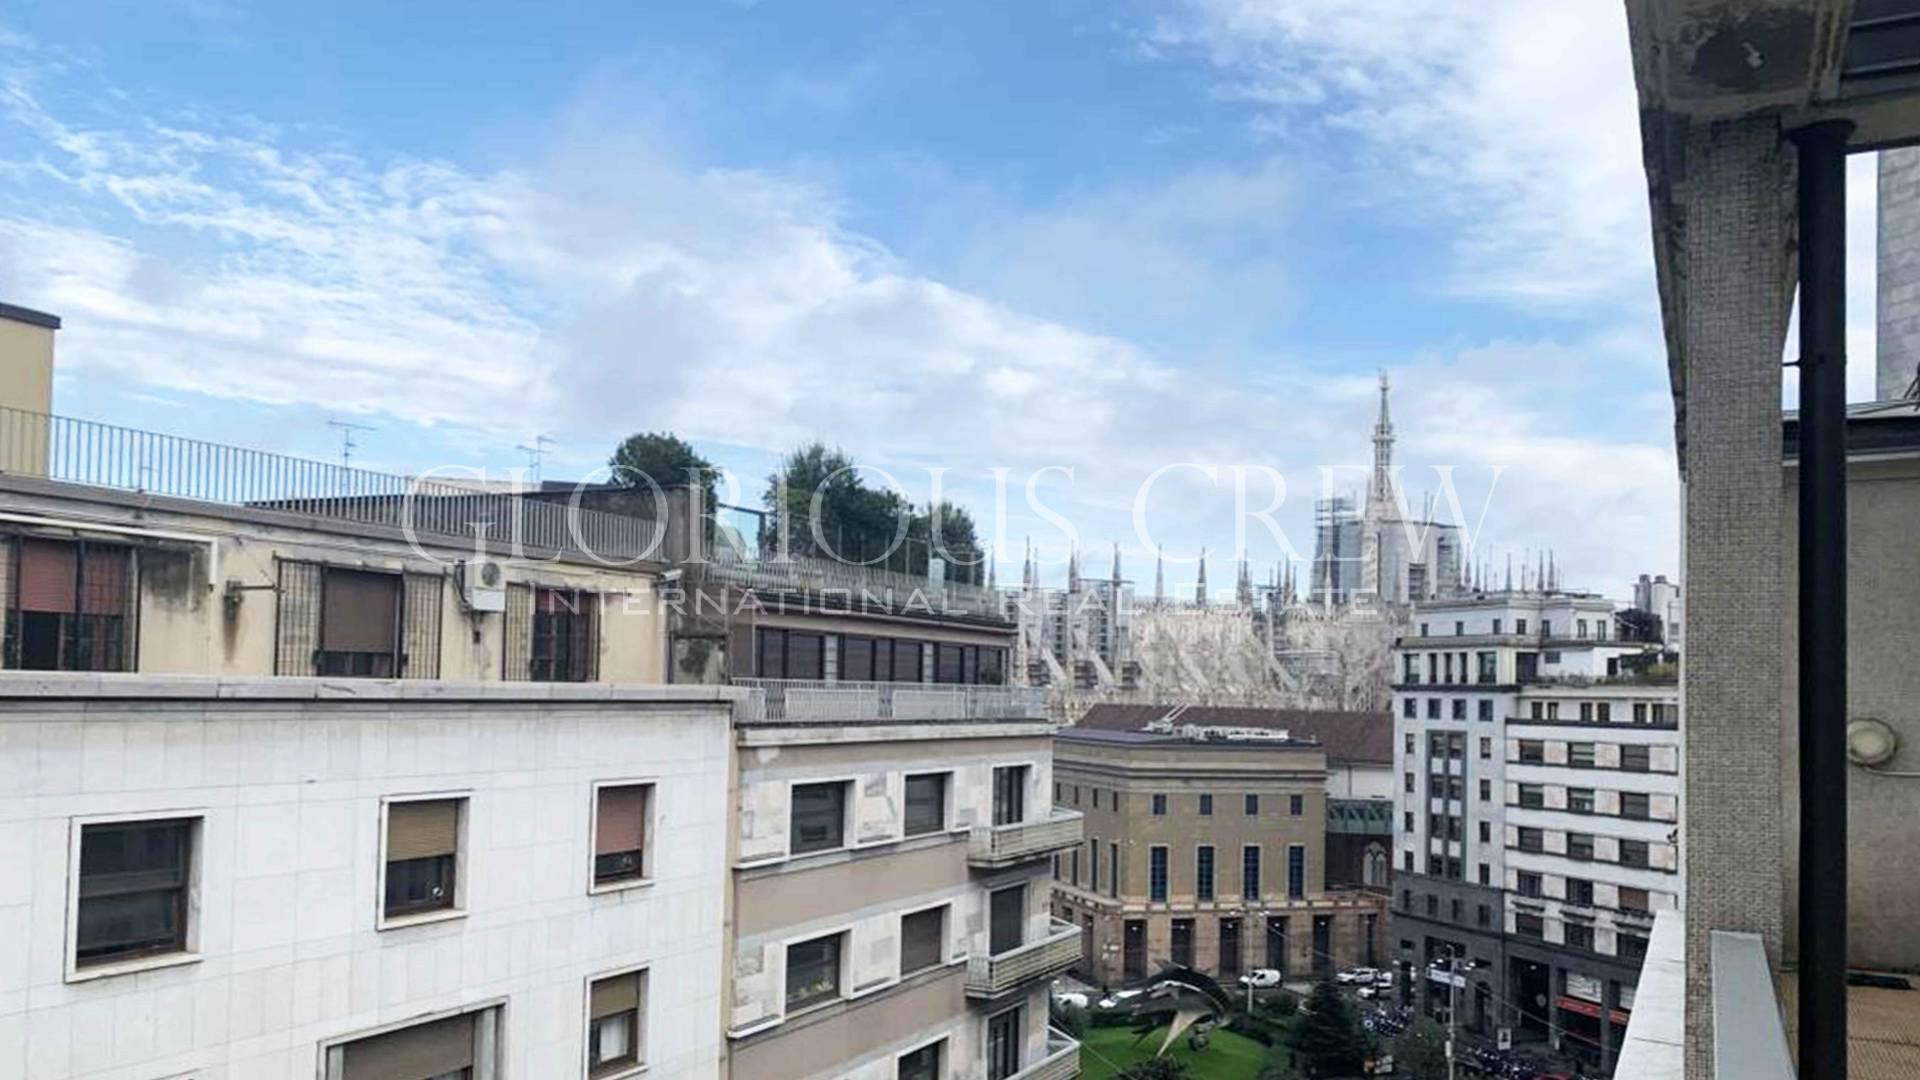 Ufficio-studio in Affitto a Milano 01 Centro storico (Cerchia dei Navigli): 5 locali, 377 mq